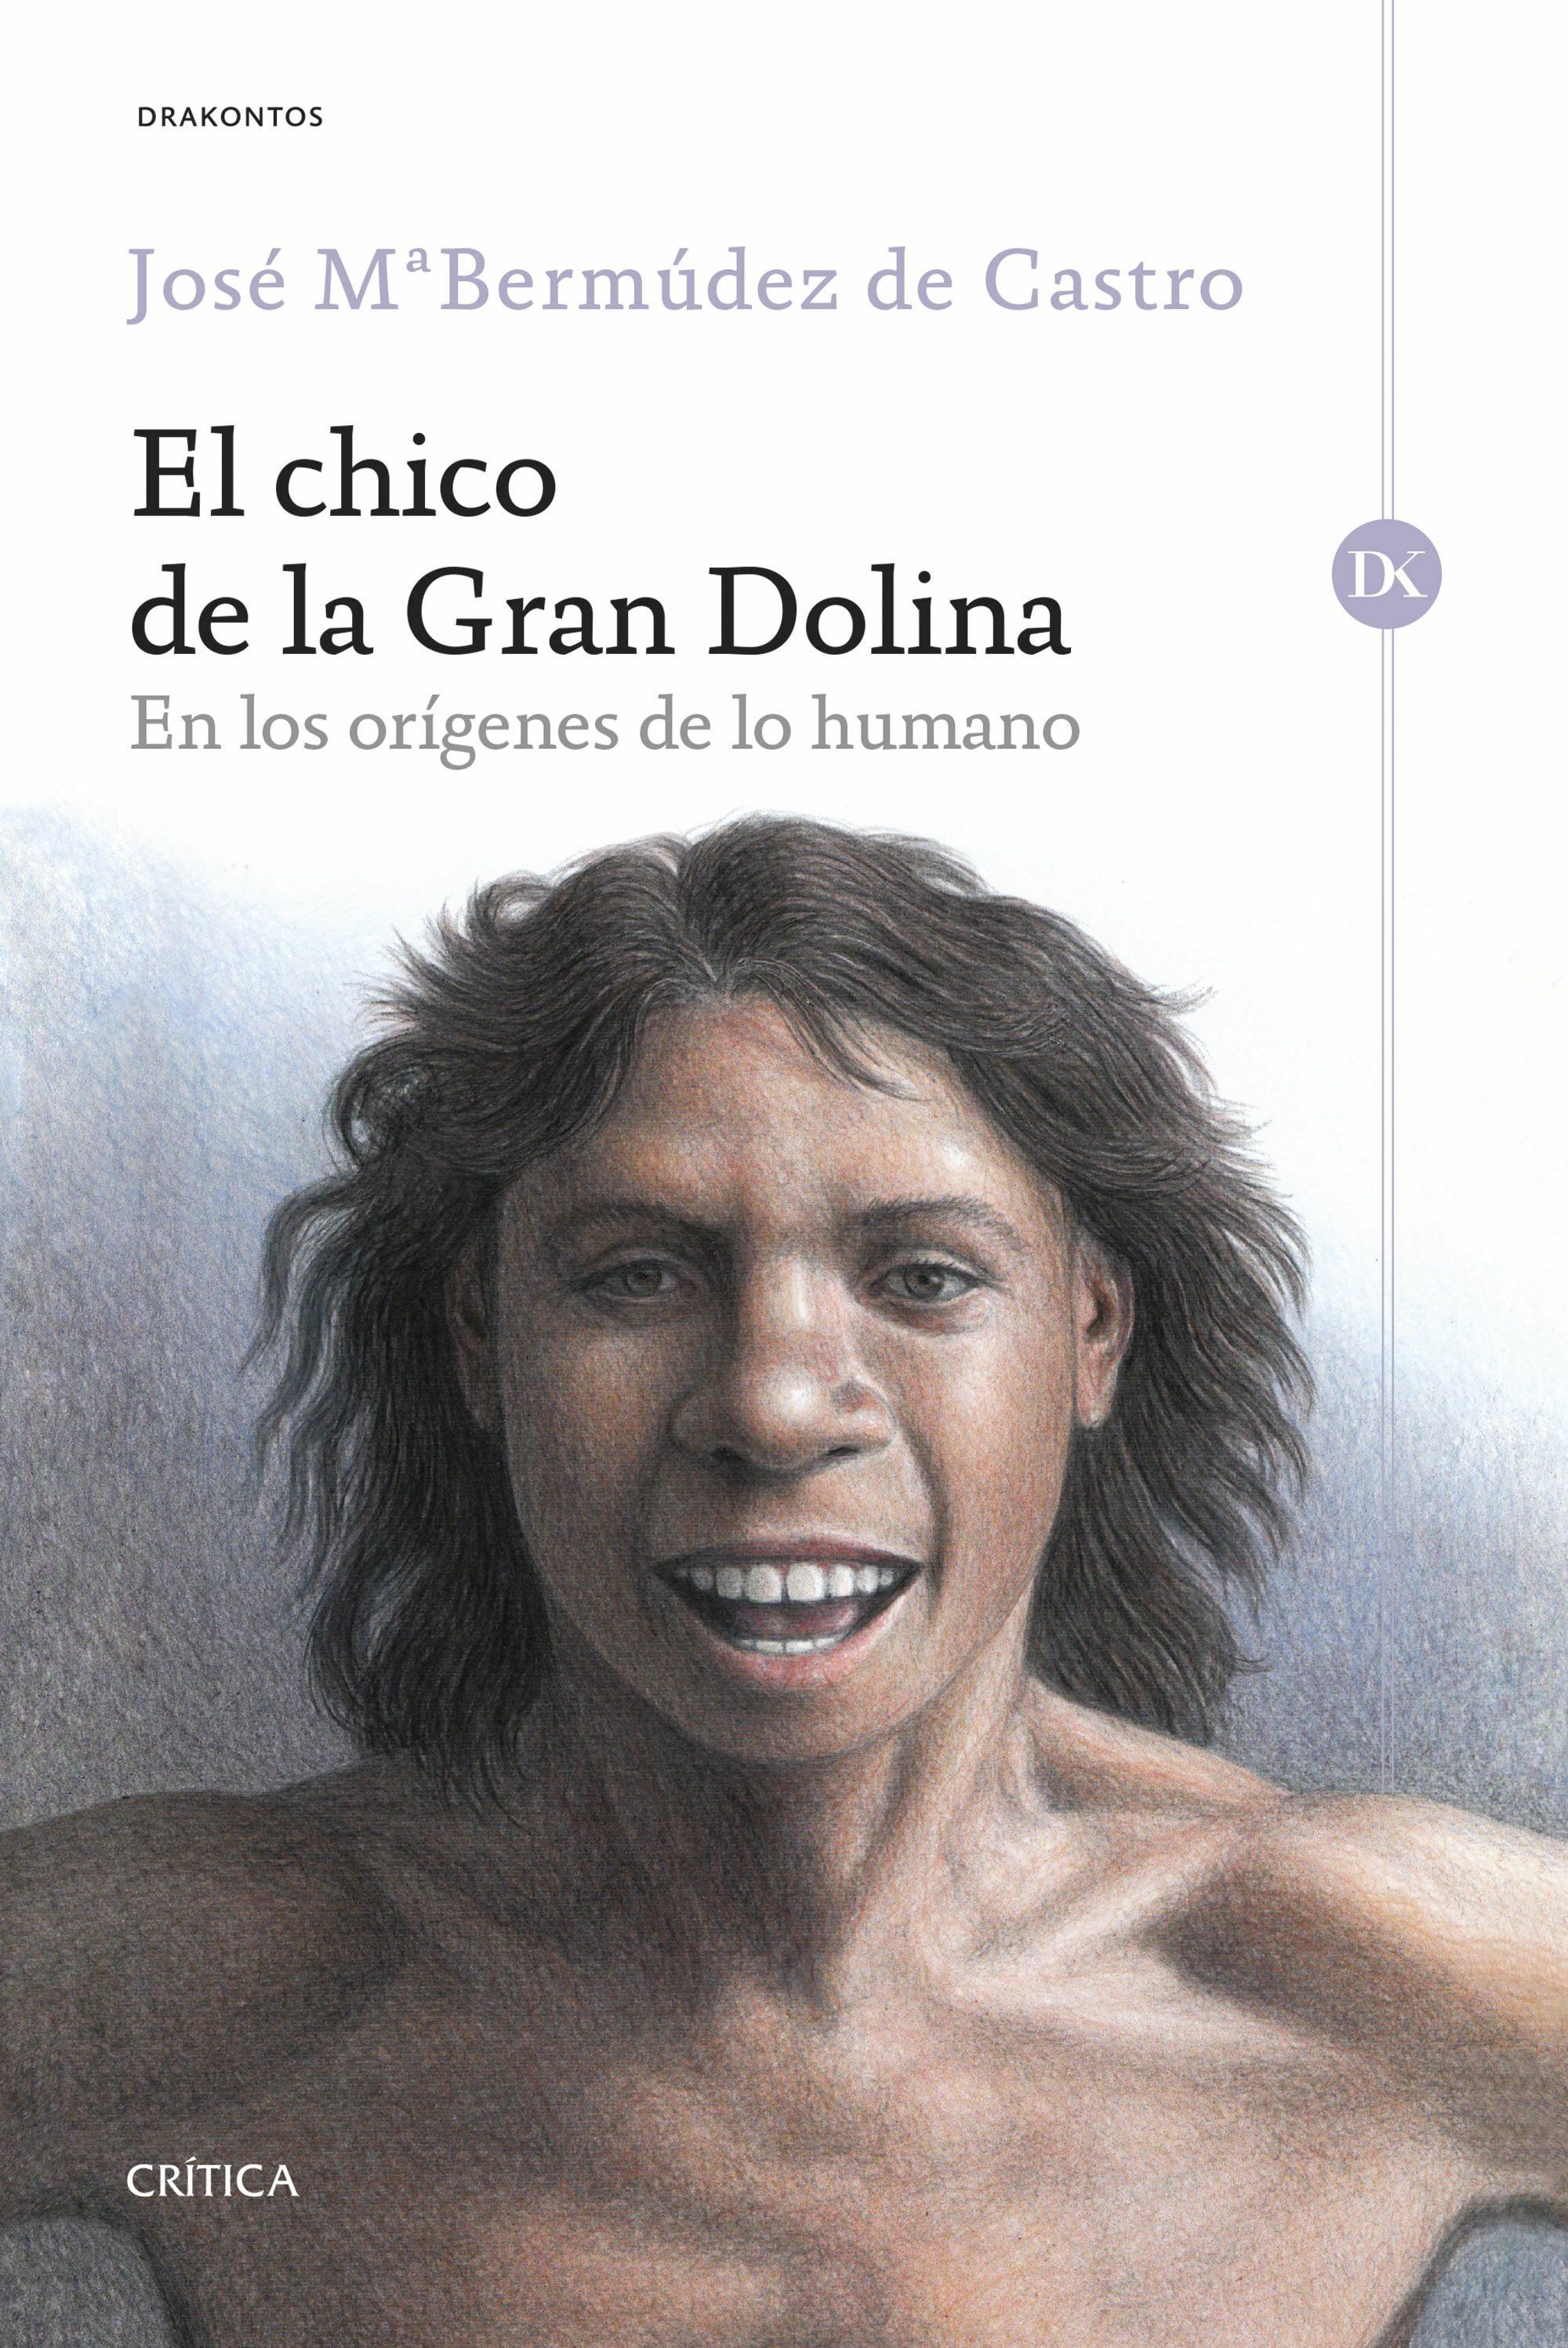 el chico de la gran dolina: en los origenes de lo humano-jose maria bermudez de castro-9788416771806